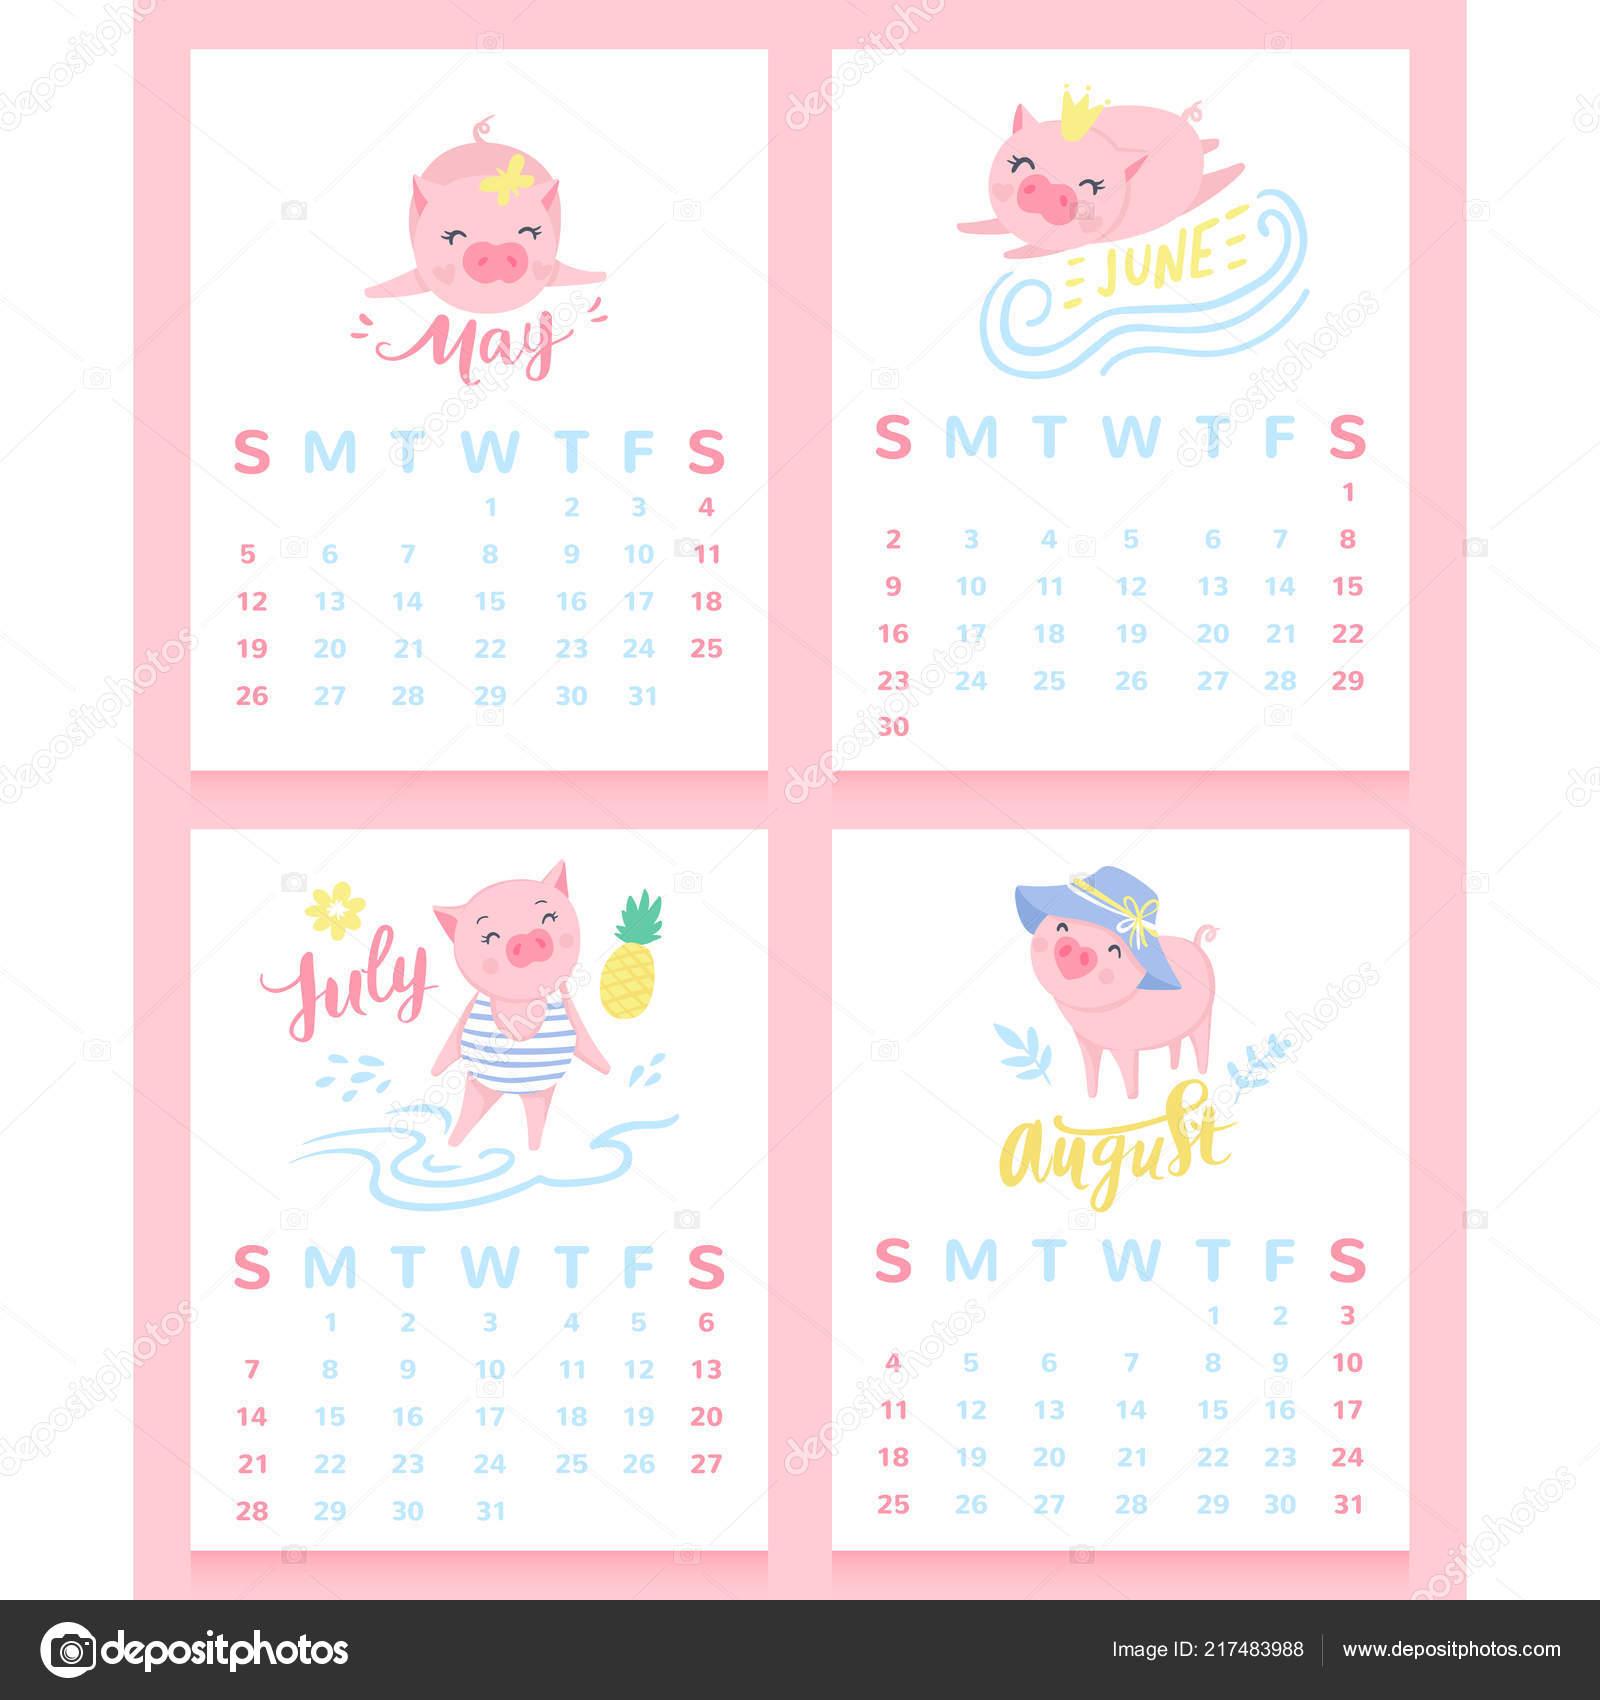 Calendario Giugno Luglio Agosto 2019.Calendario 2019 Con Maiali Svegli Del Fumetto Maggio